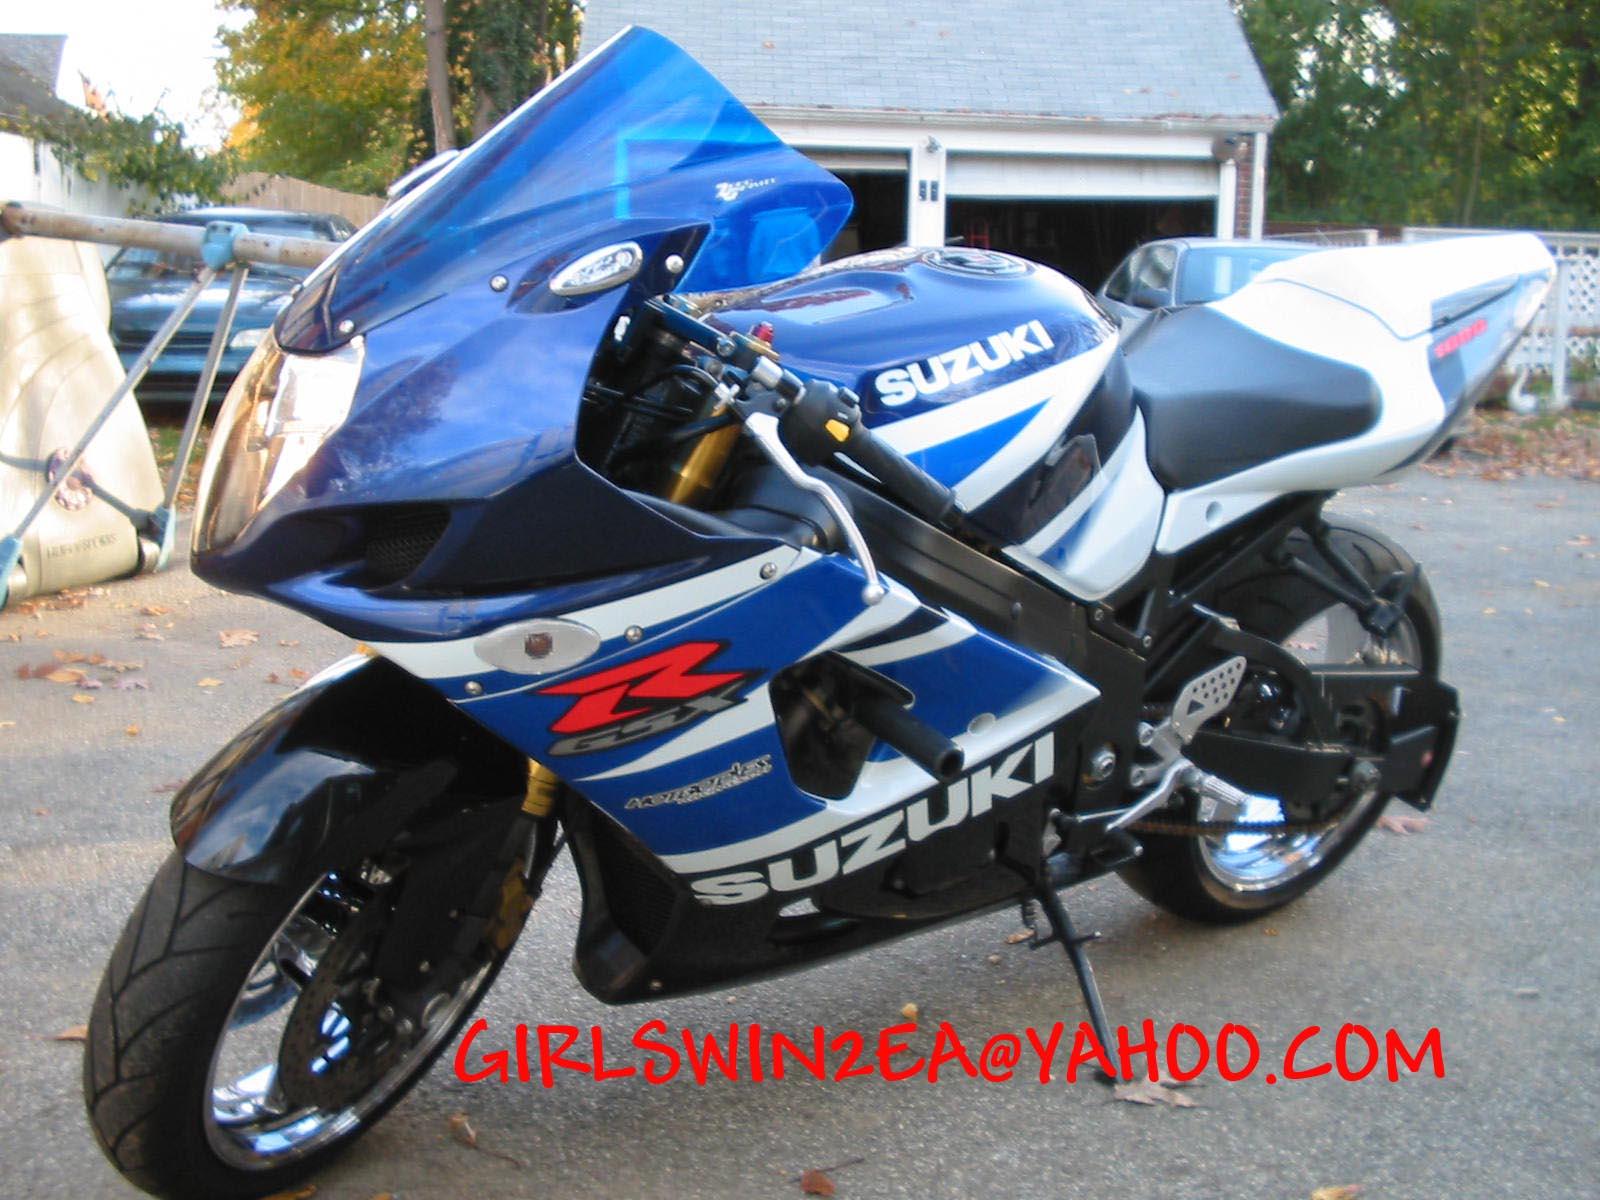 2003 Suzuki GSXR1000 - Sportbikes.net